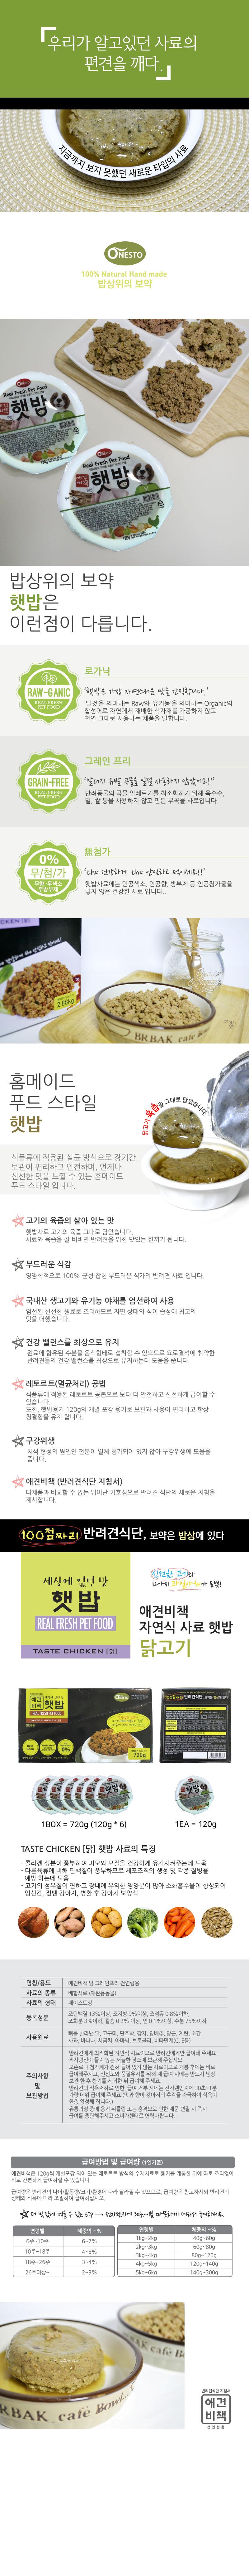 햇밥(닭고기) 상세페이지.jpg